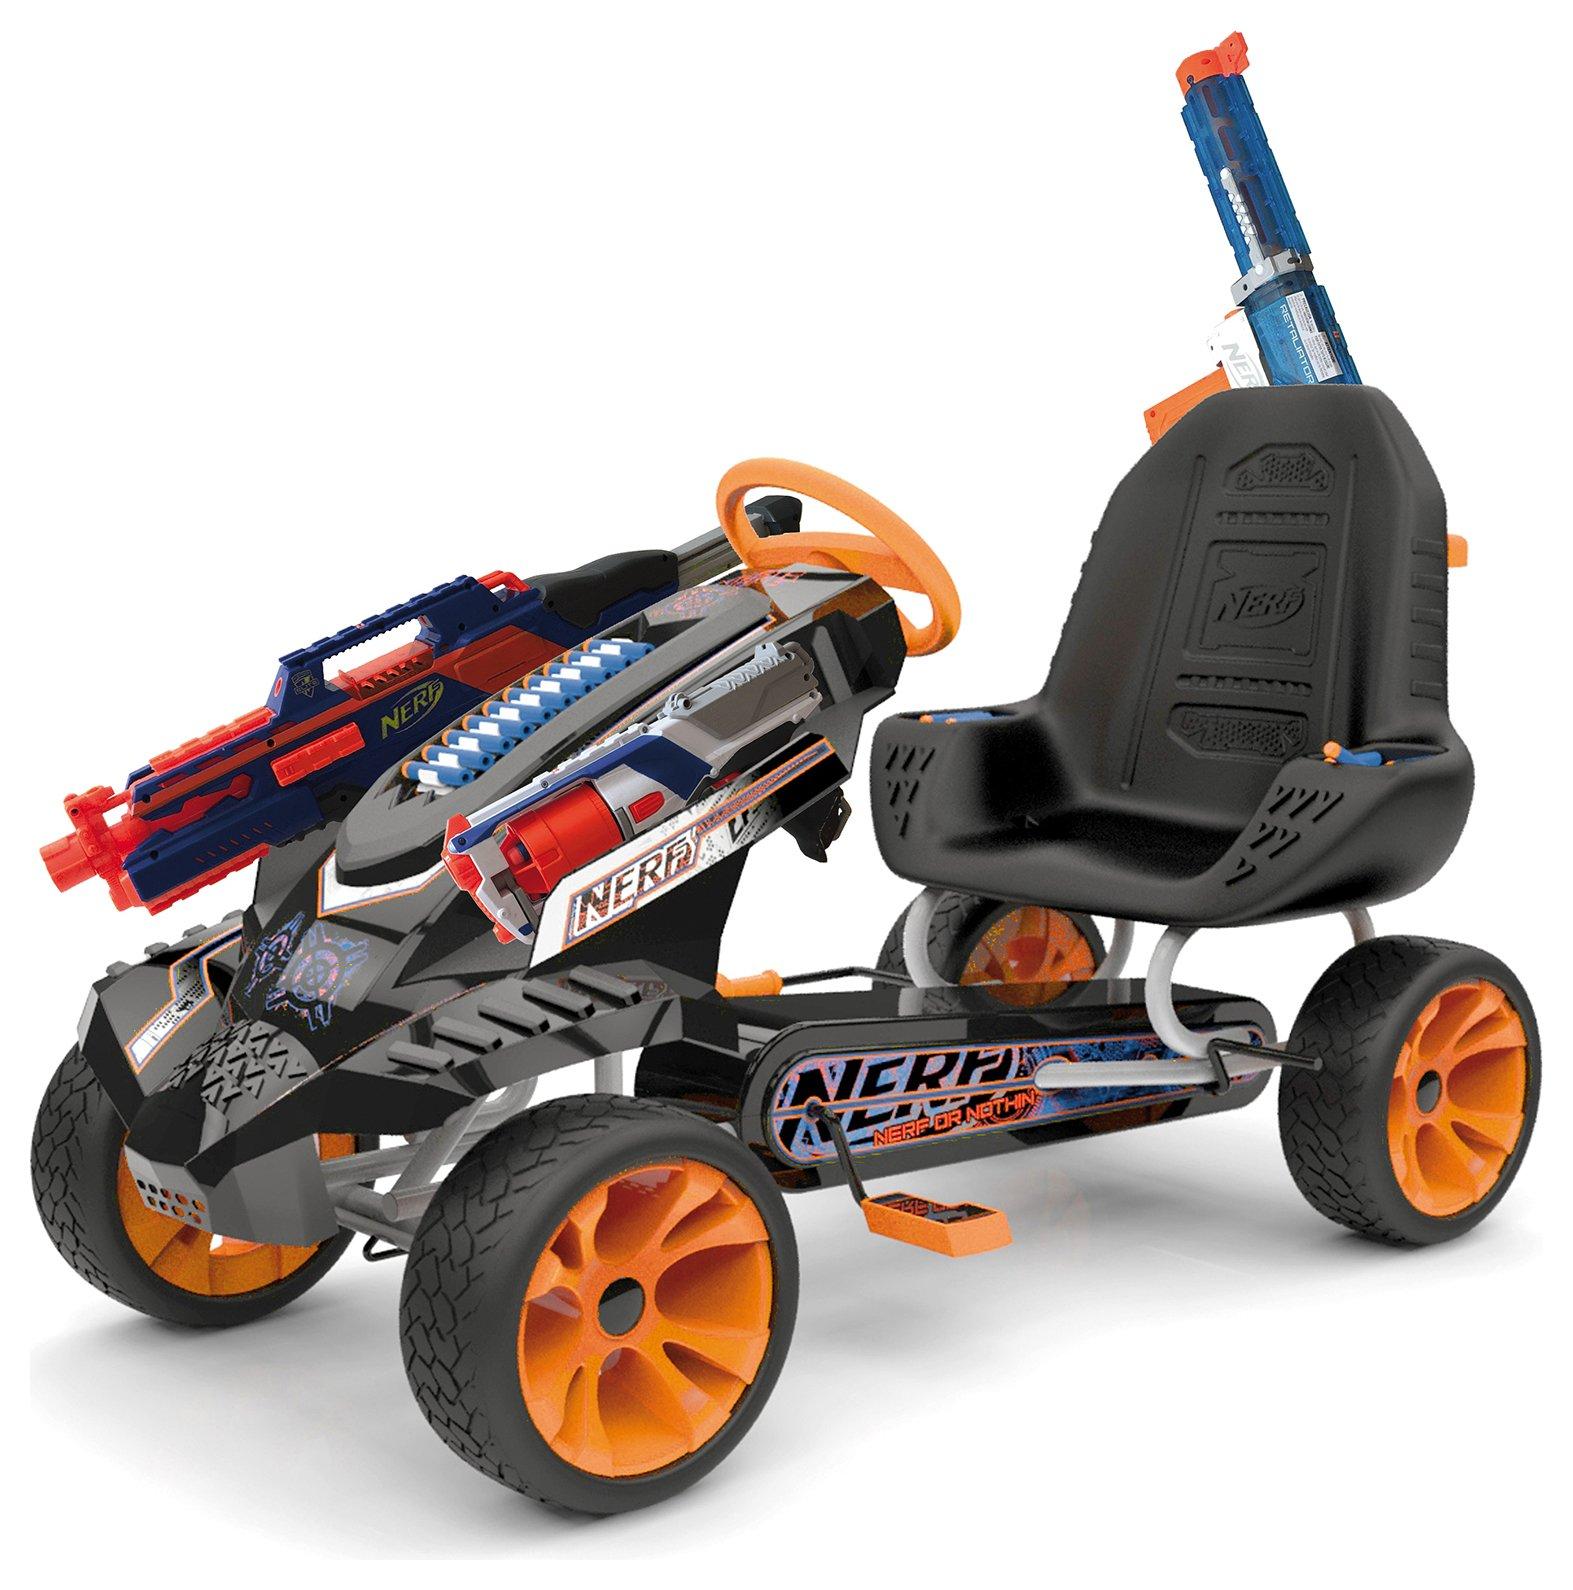 Nerf Battle Racer Pedal Go-Kart